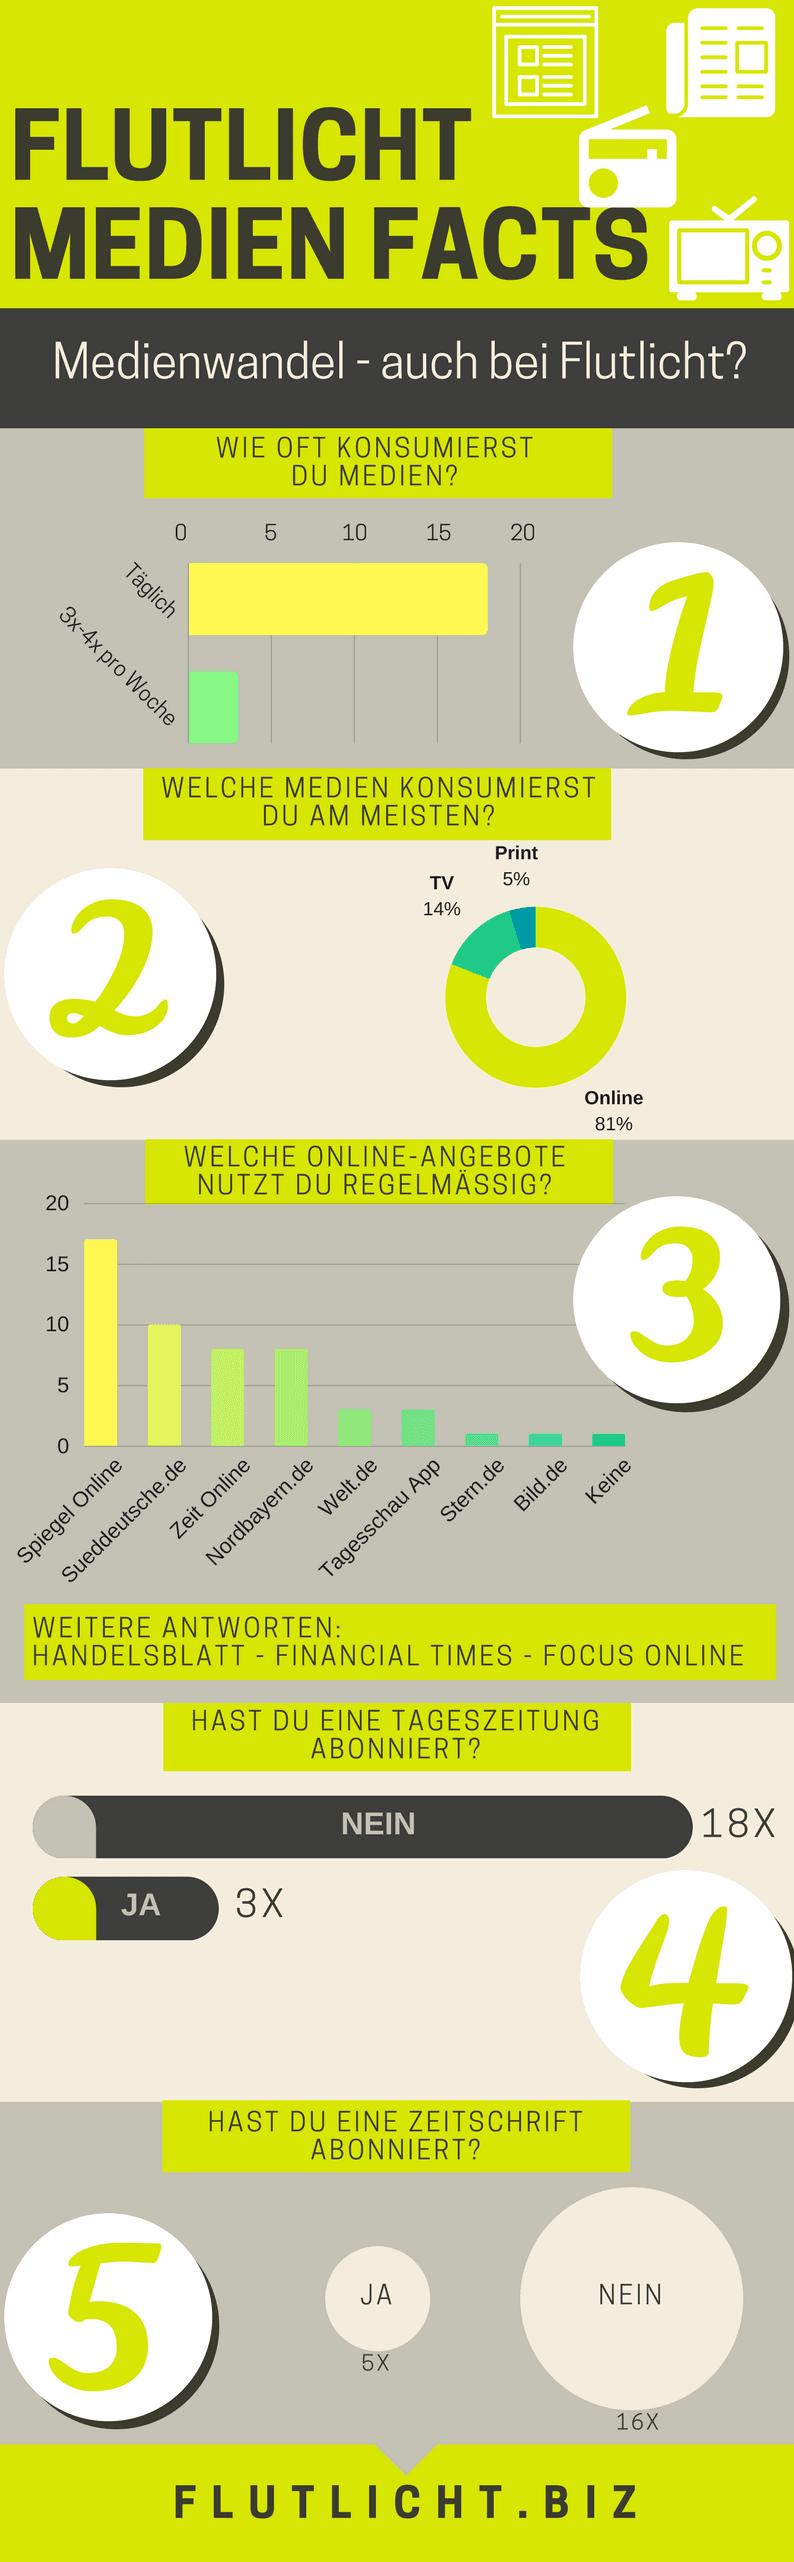 Flutlicht Infografik Mediennutzung Fakten